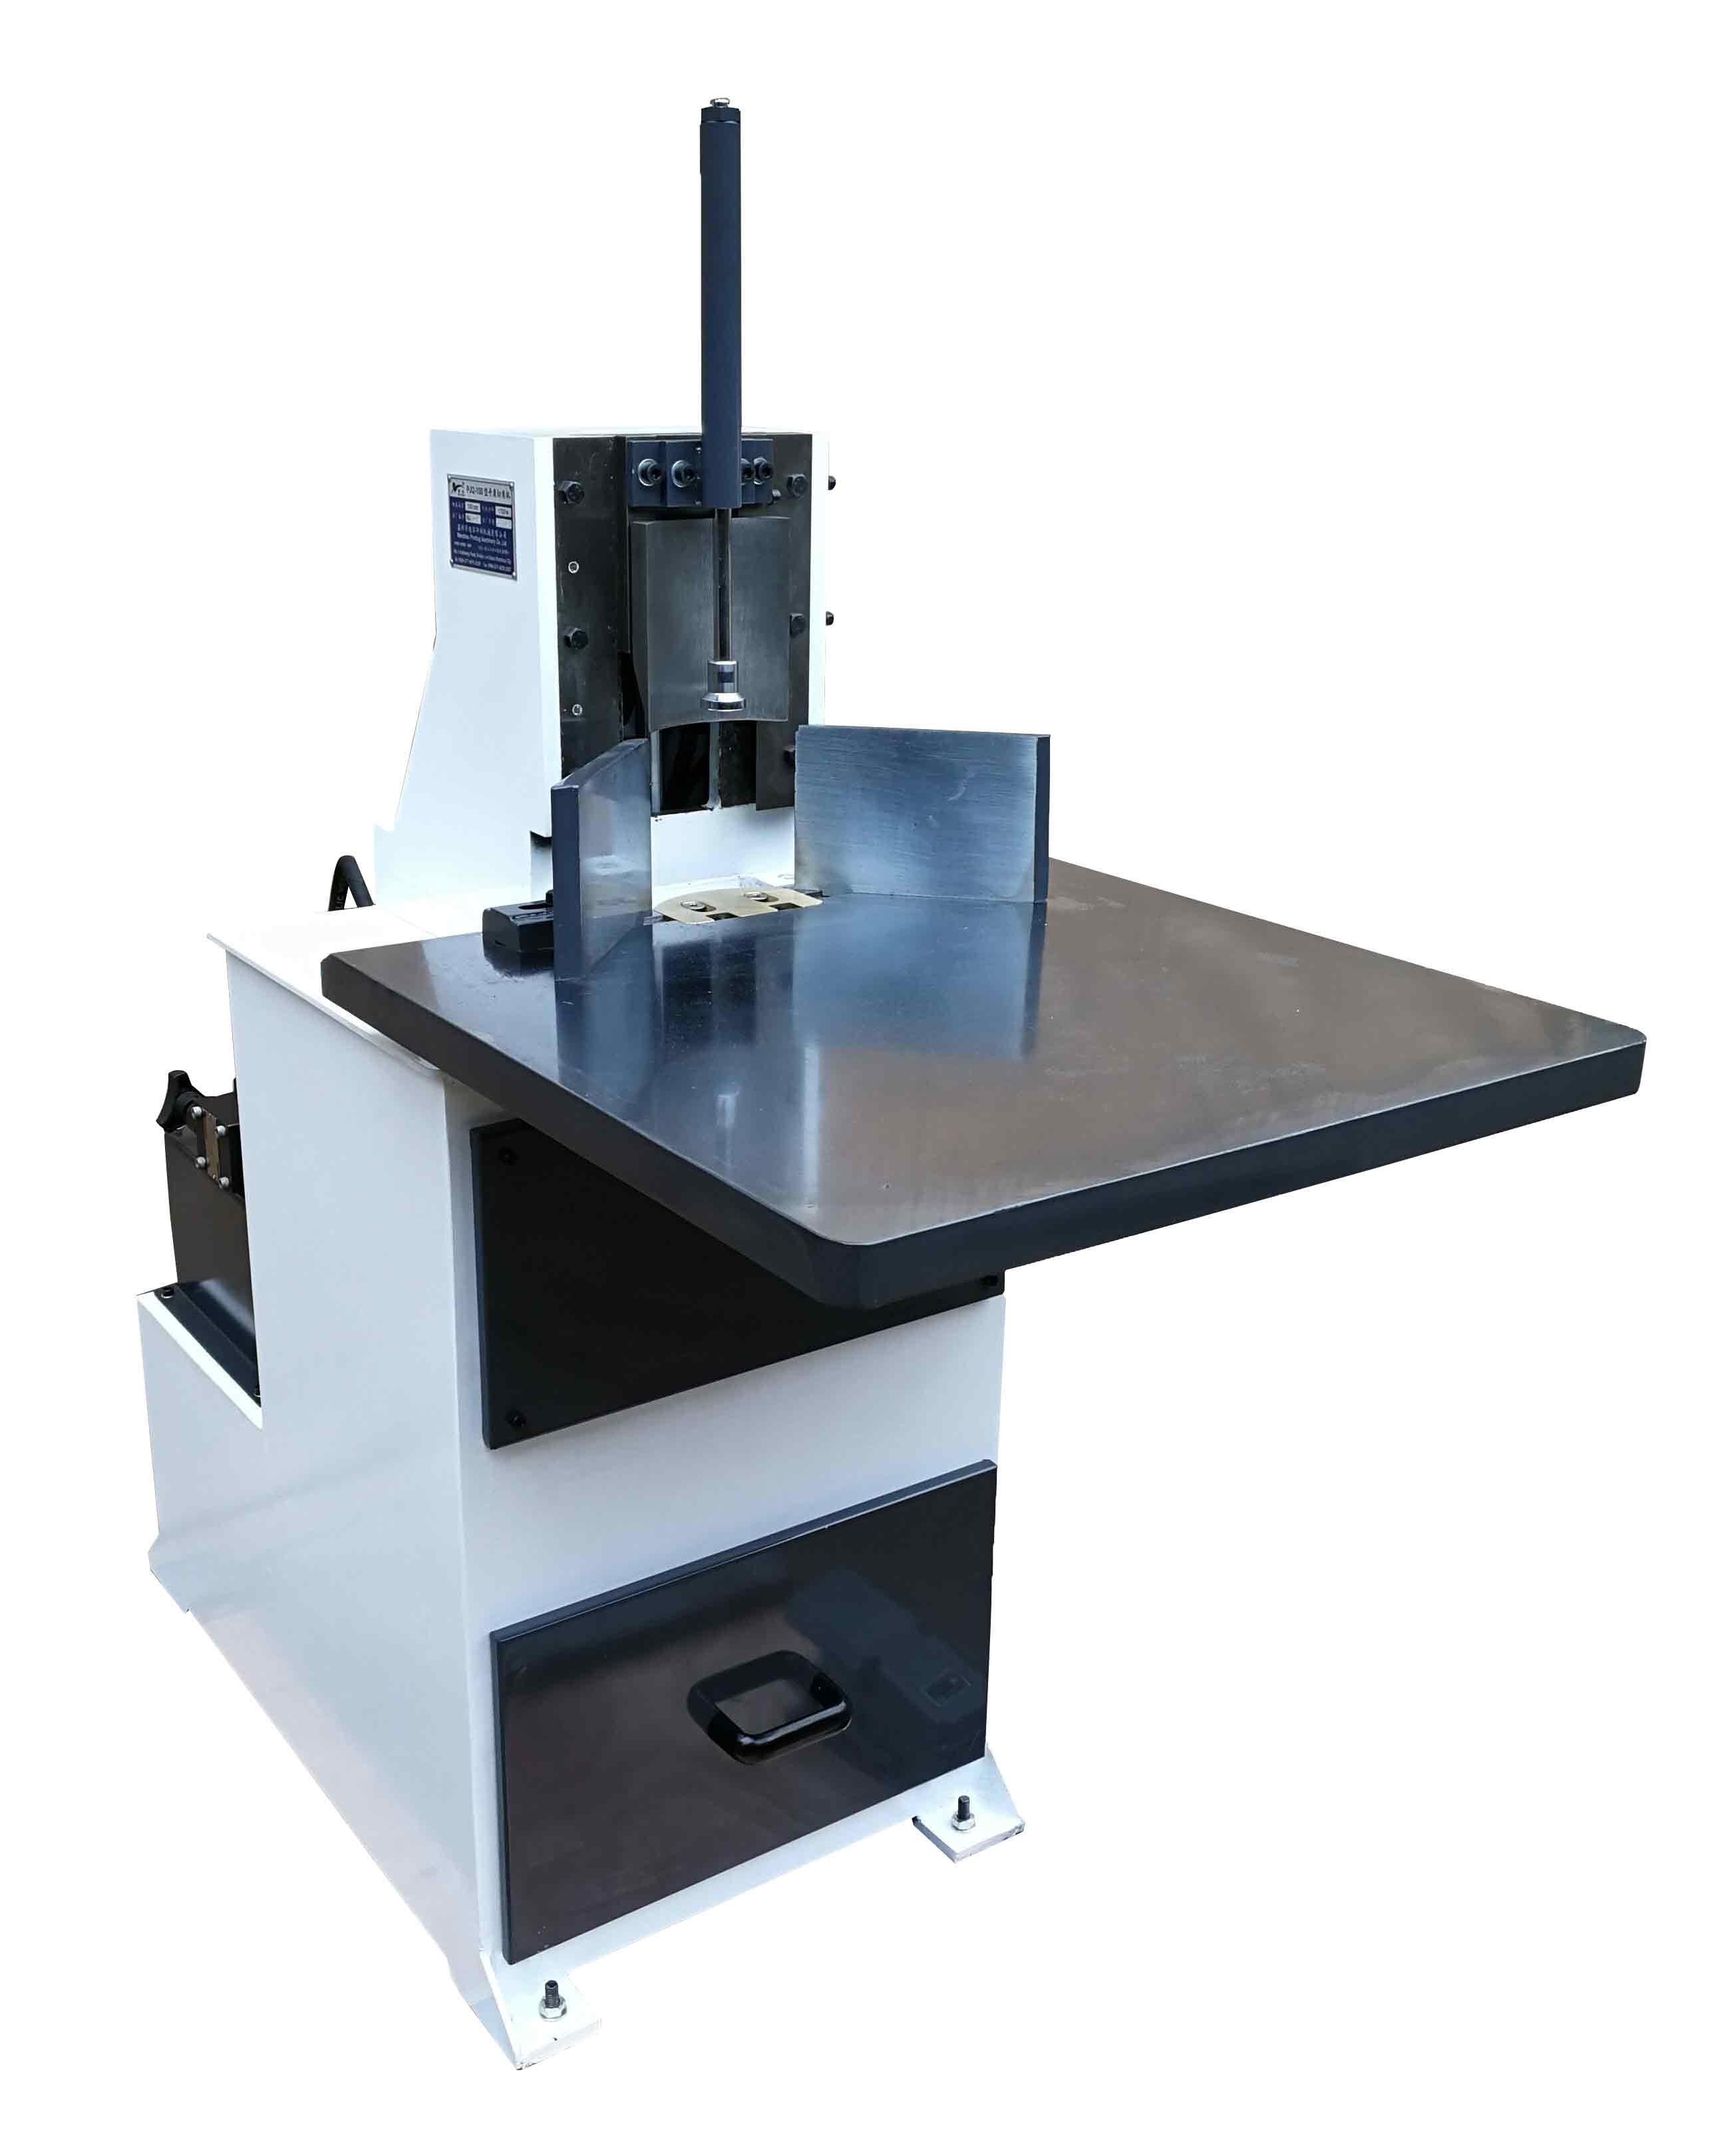 吉林吊牌SJQ平角圆角切角机货源充足 欢迎来电「温州市旭日印刷机械供应」